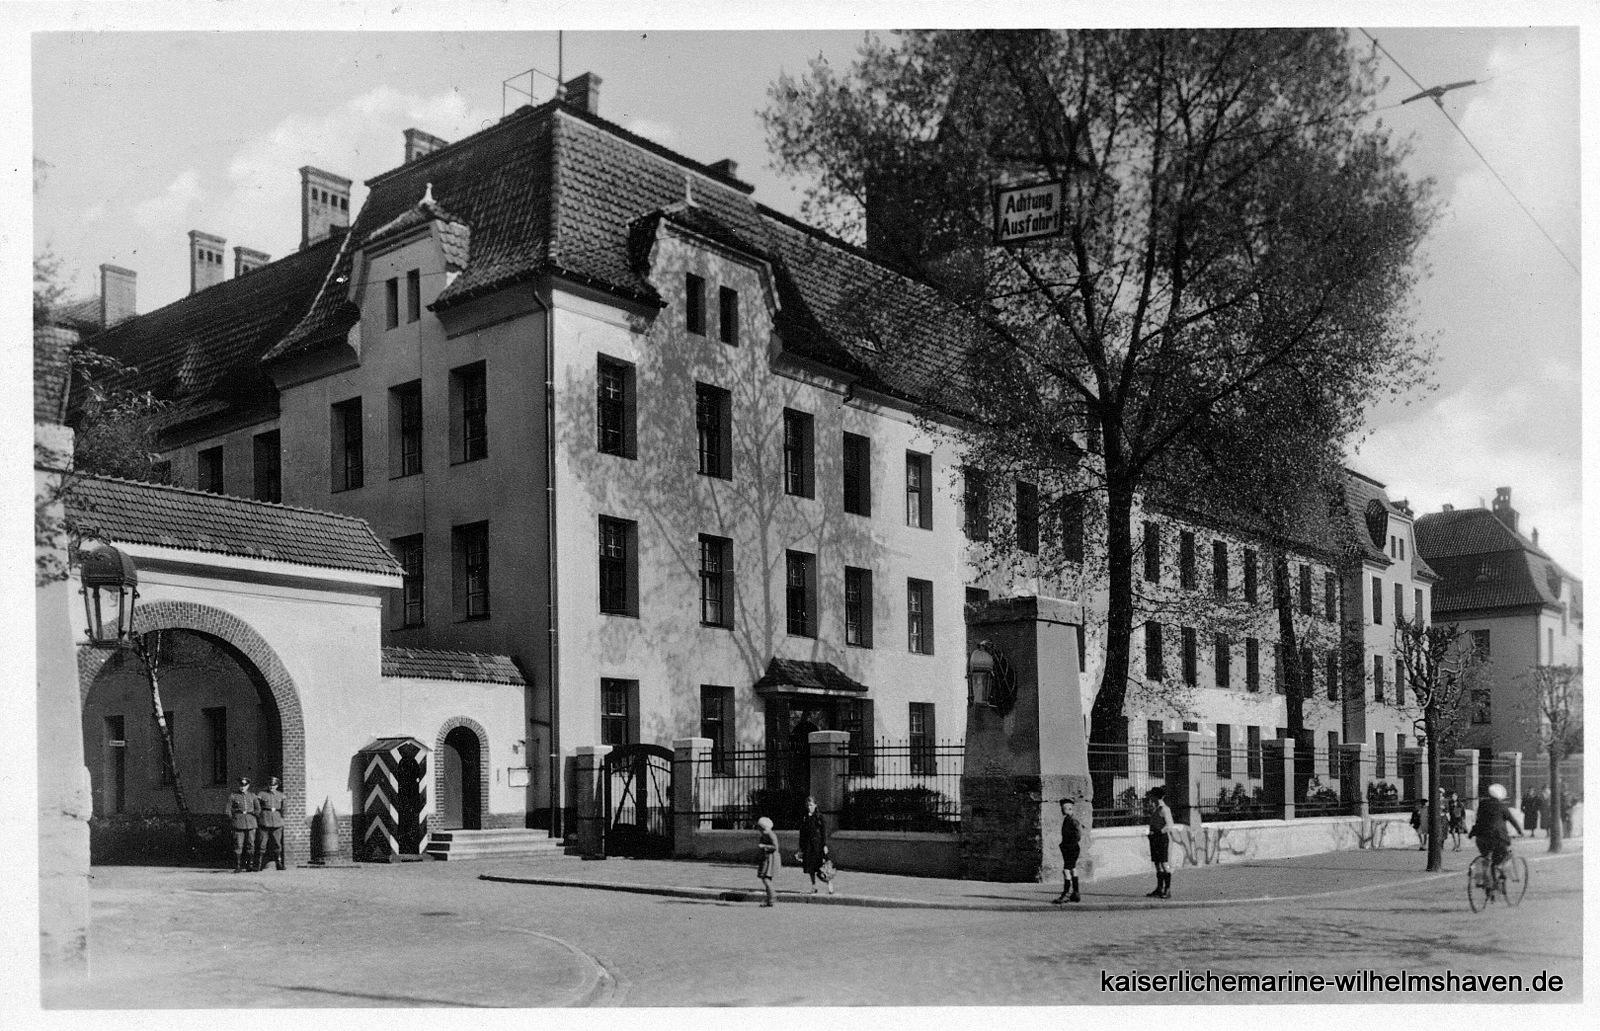 """Blick von Westen, in etwa an der Göker-/Ecke Kantstraße: Toreinfahrt, Stabsgebäude, Block """"Flandern"""""""